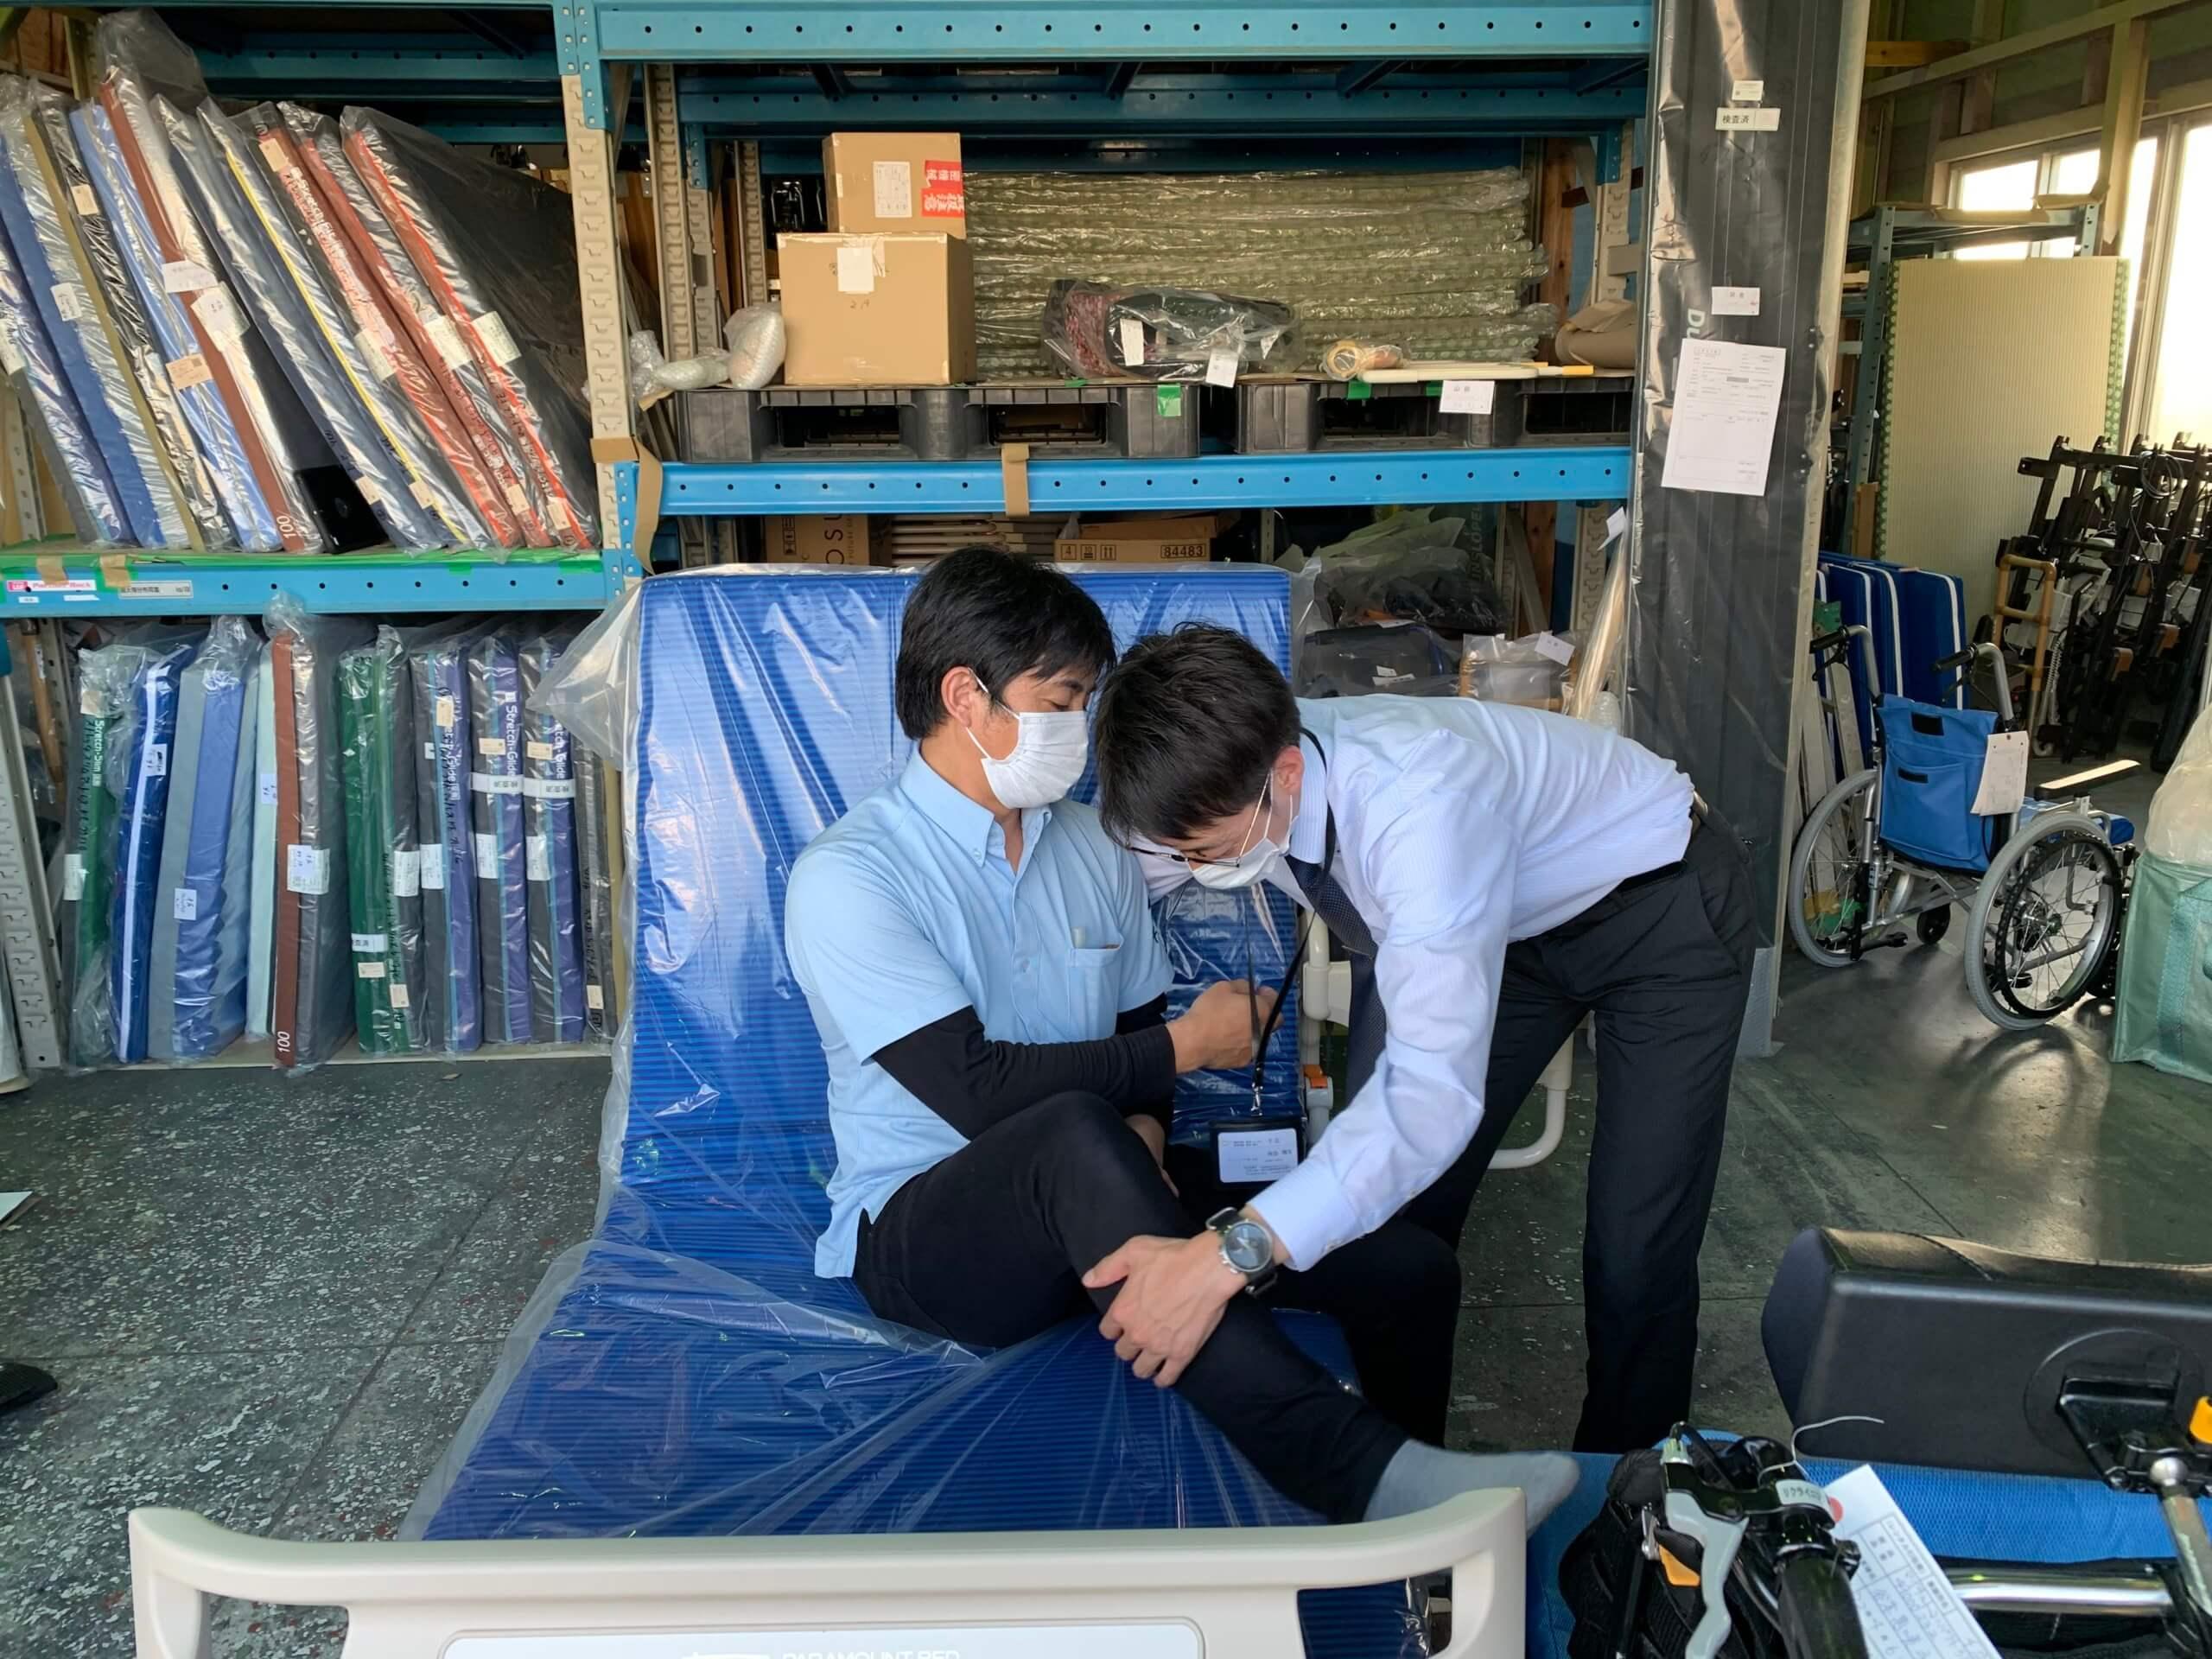 福祉用具を活用して介助をしている職員